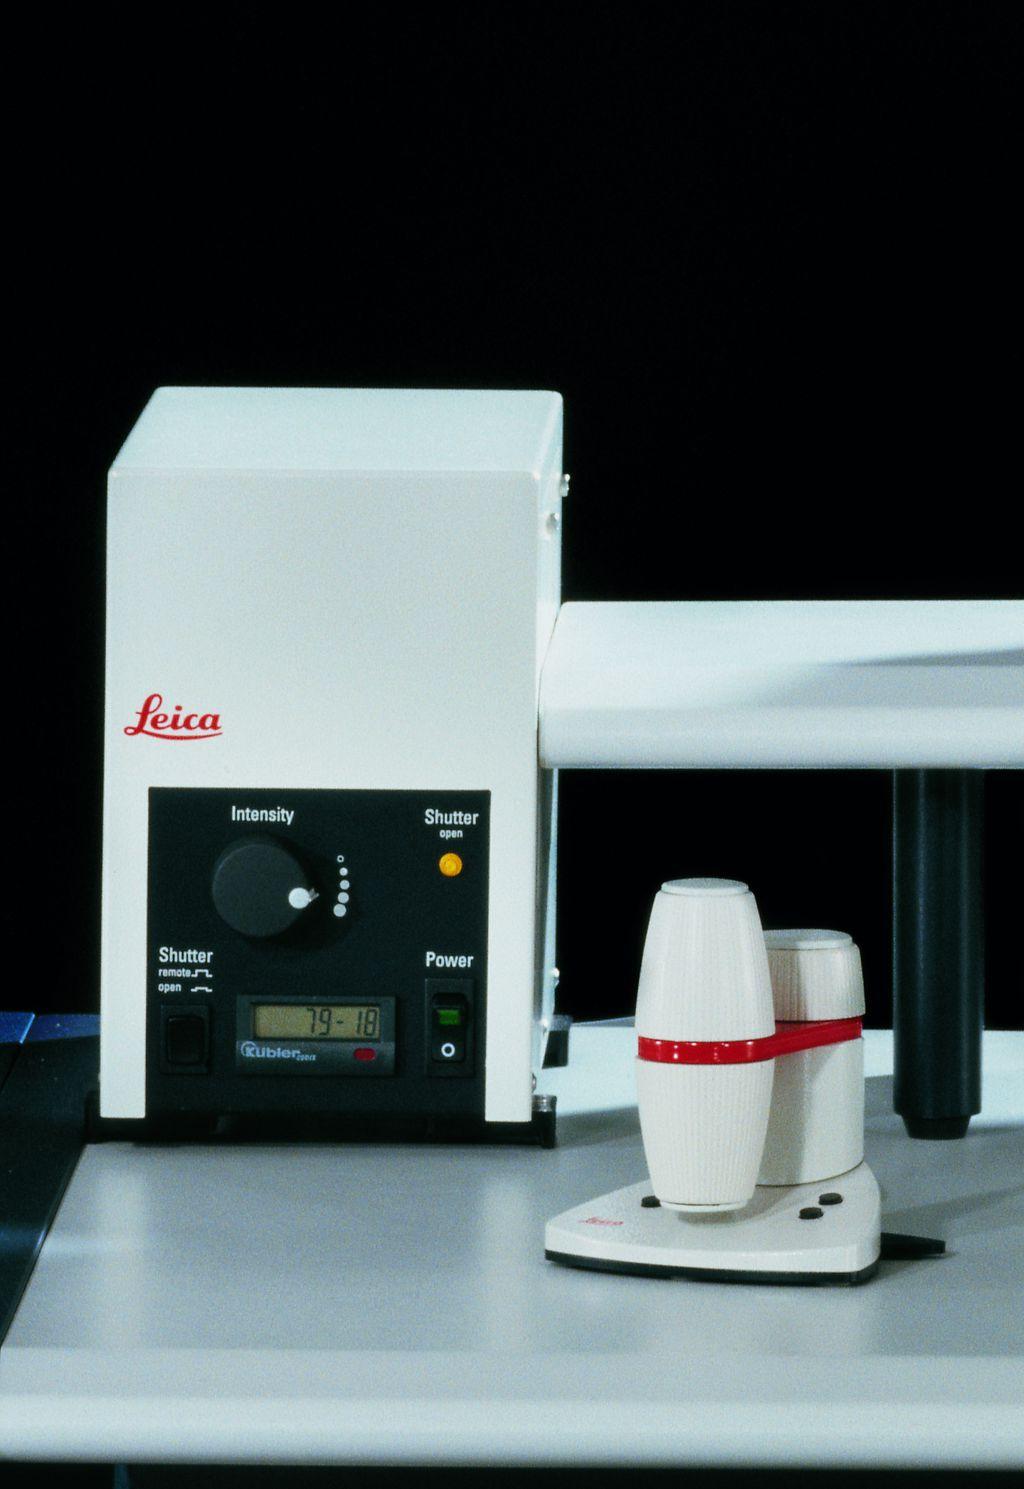 수동 조작 불필요 최대 384장의 슬라이드를 수동 조작할 필요 없이 자동적으로 스캔할 수 있습니다.